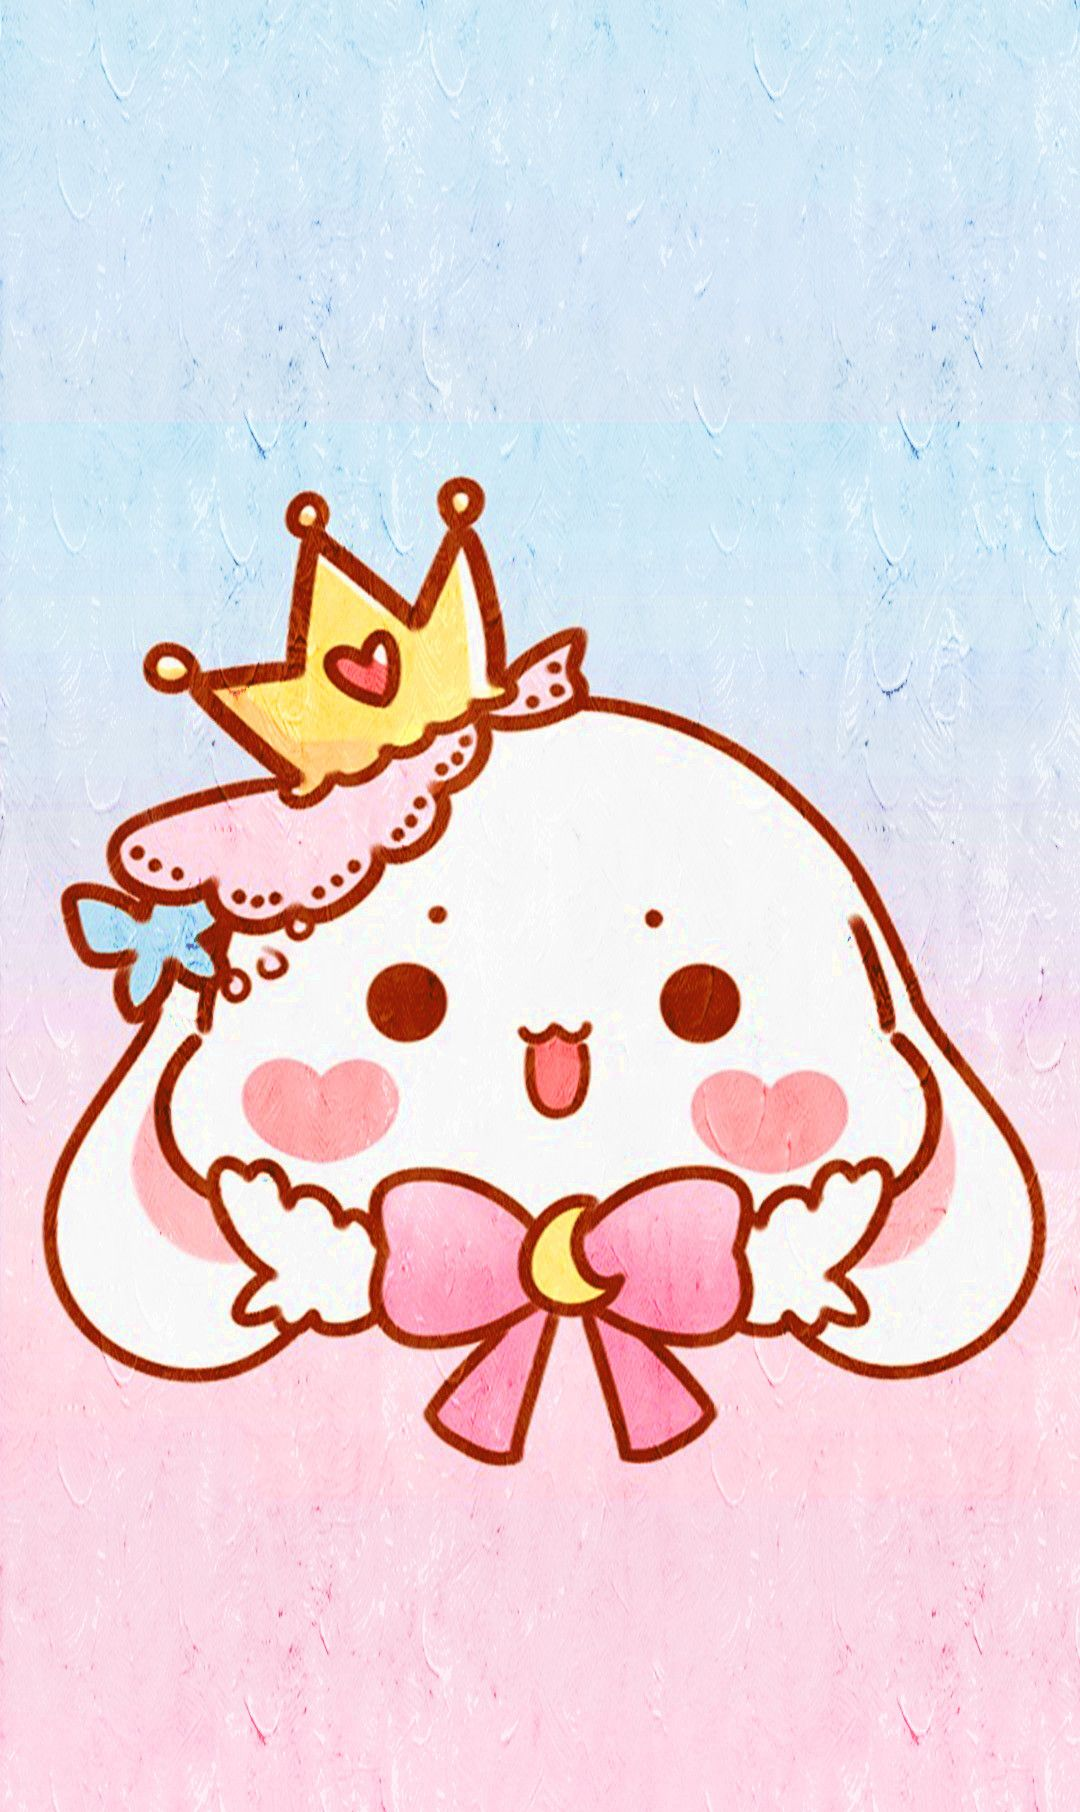 动漫壁纸:超可爱萌系卡通手机壁纸,毛茸茸的小兔子喜欢吗?